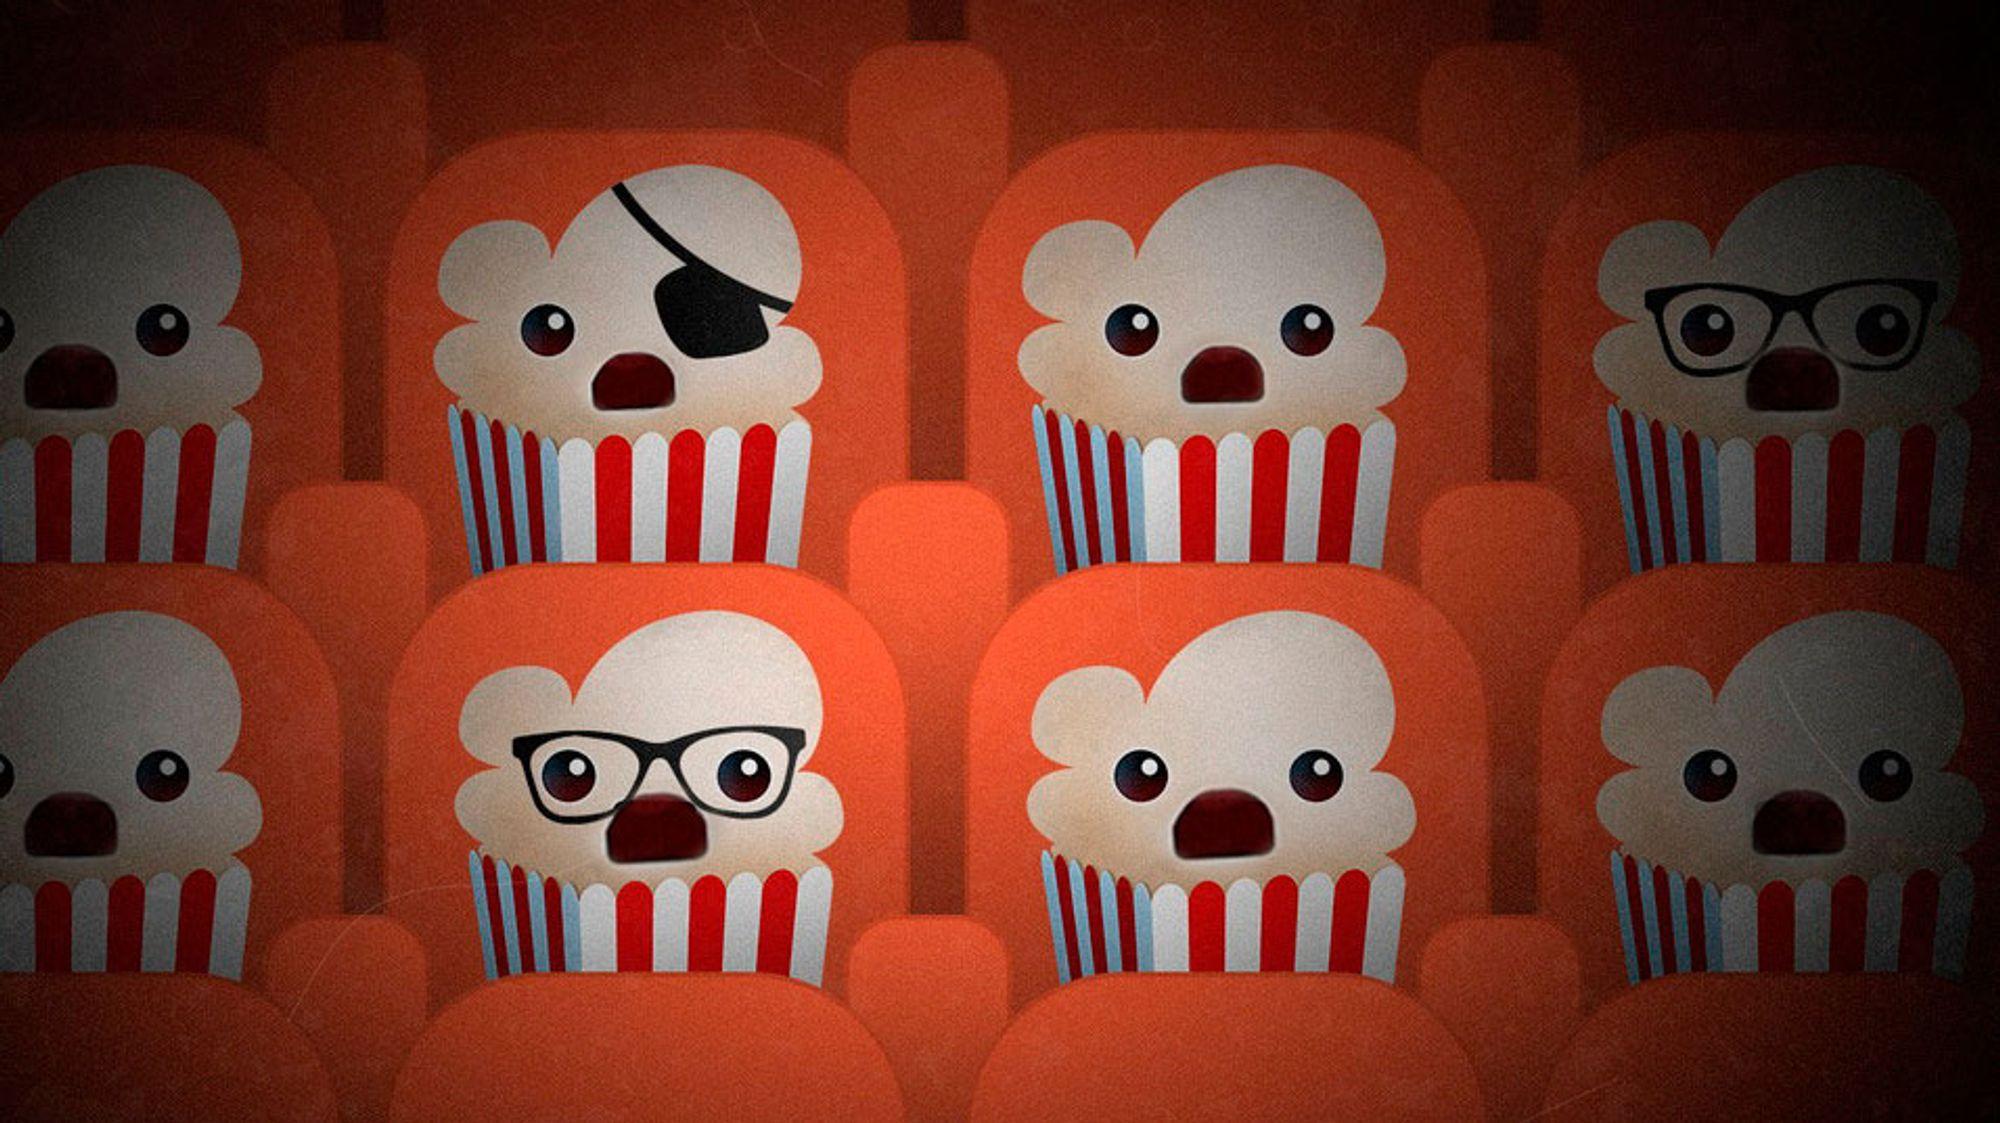 Originale Popcorn Time er offisielt tilbake